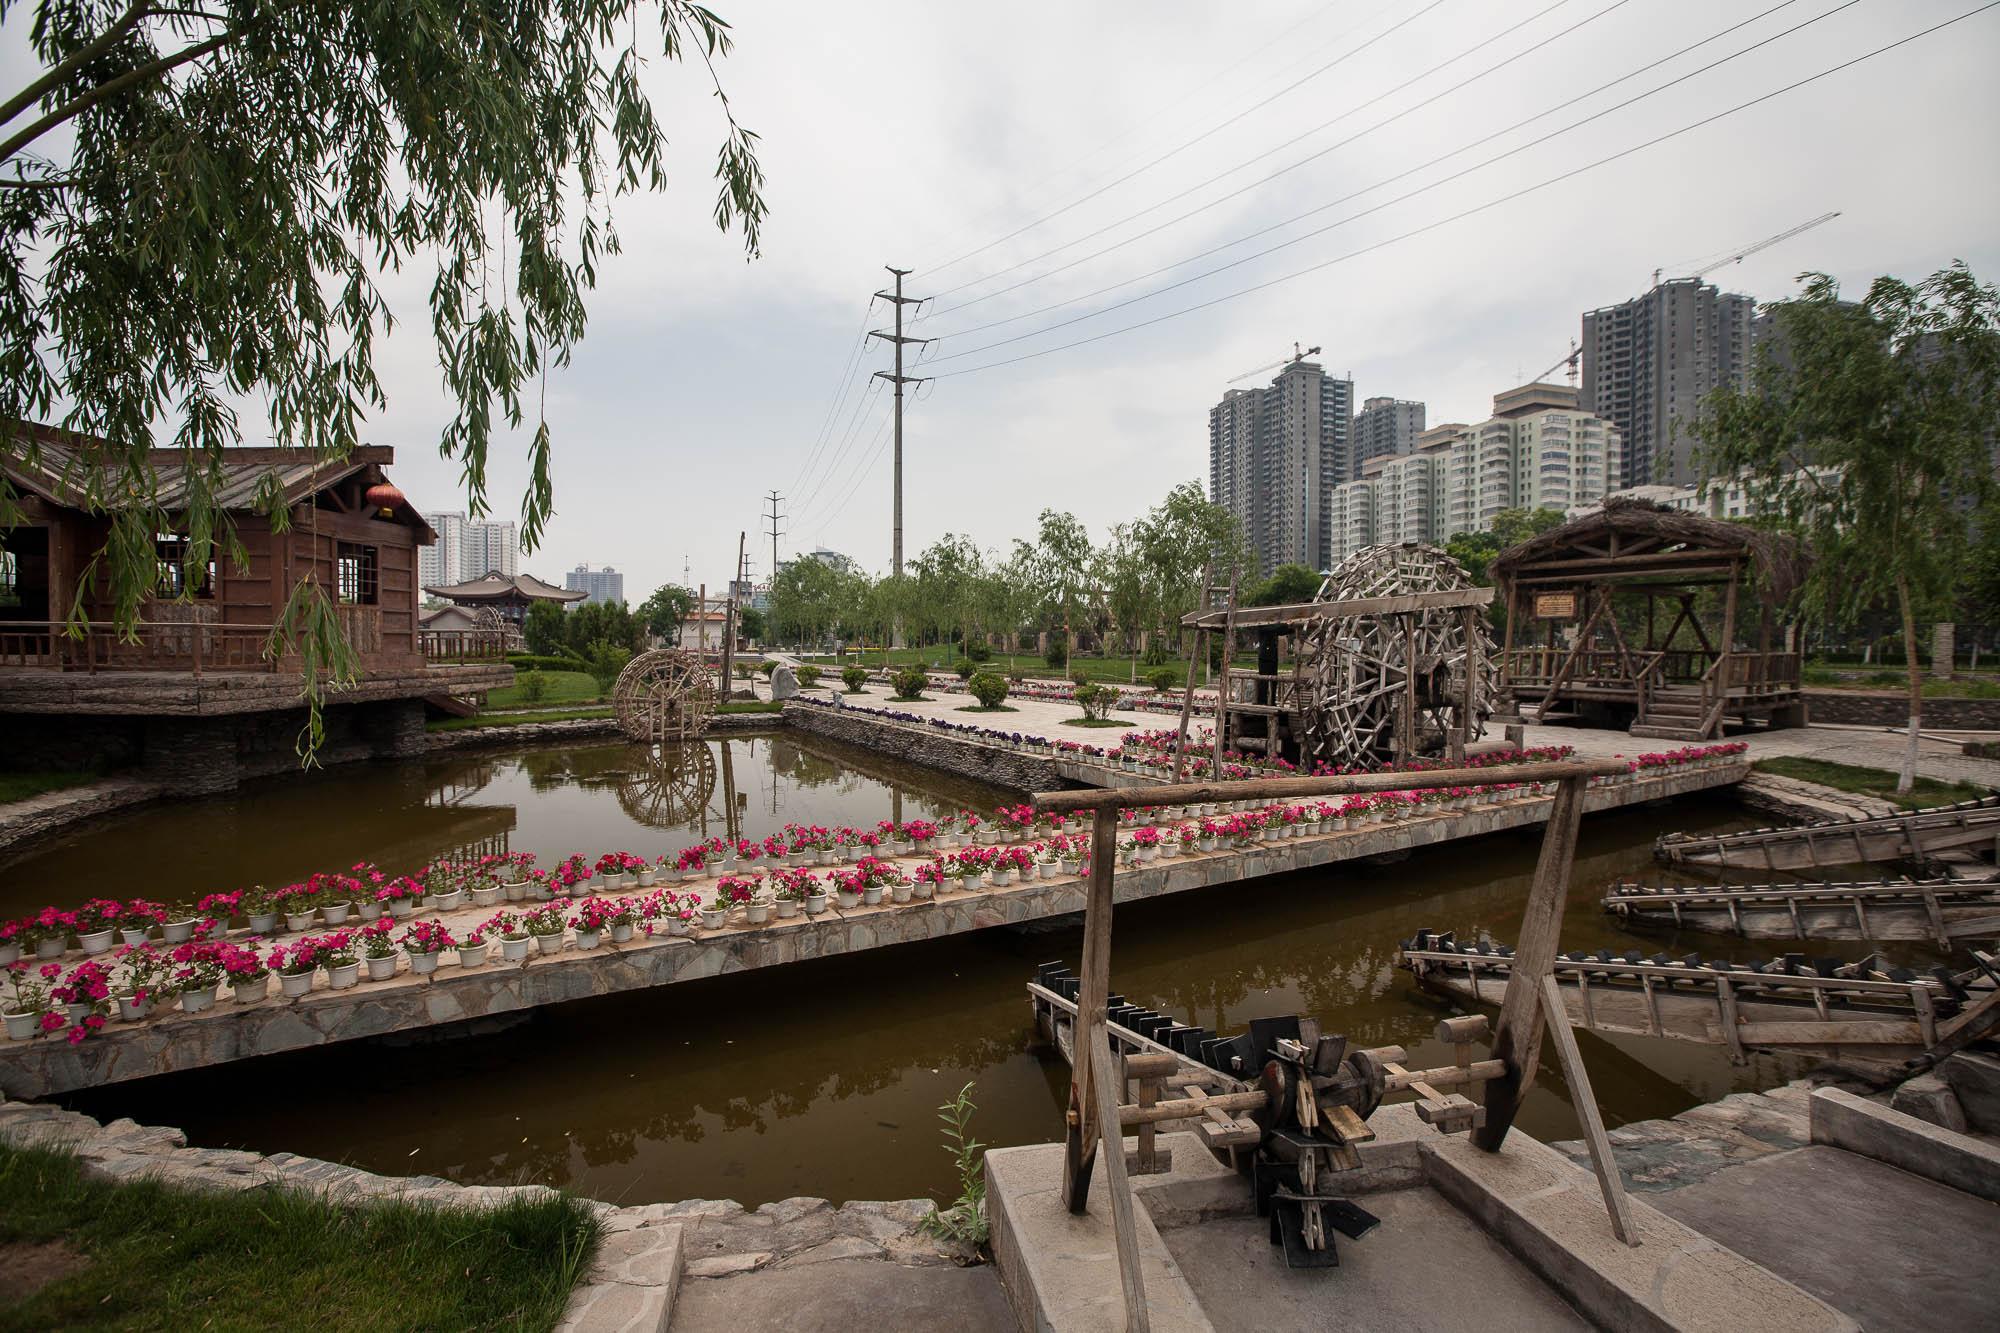 Lanzhou Waterwheel Exhibition Park